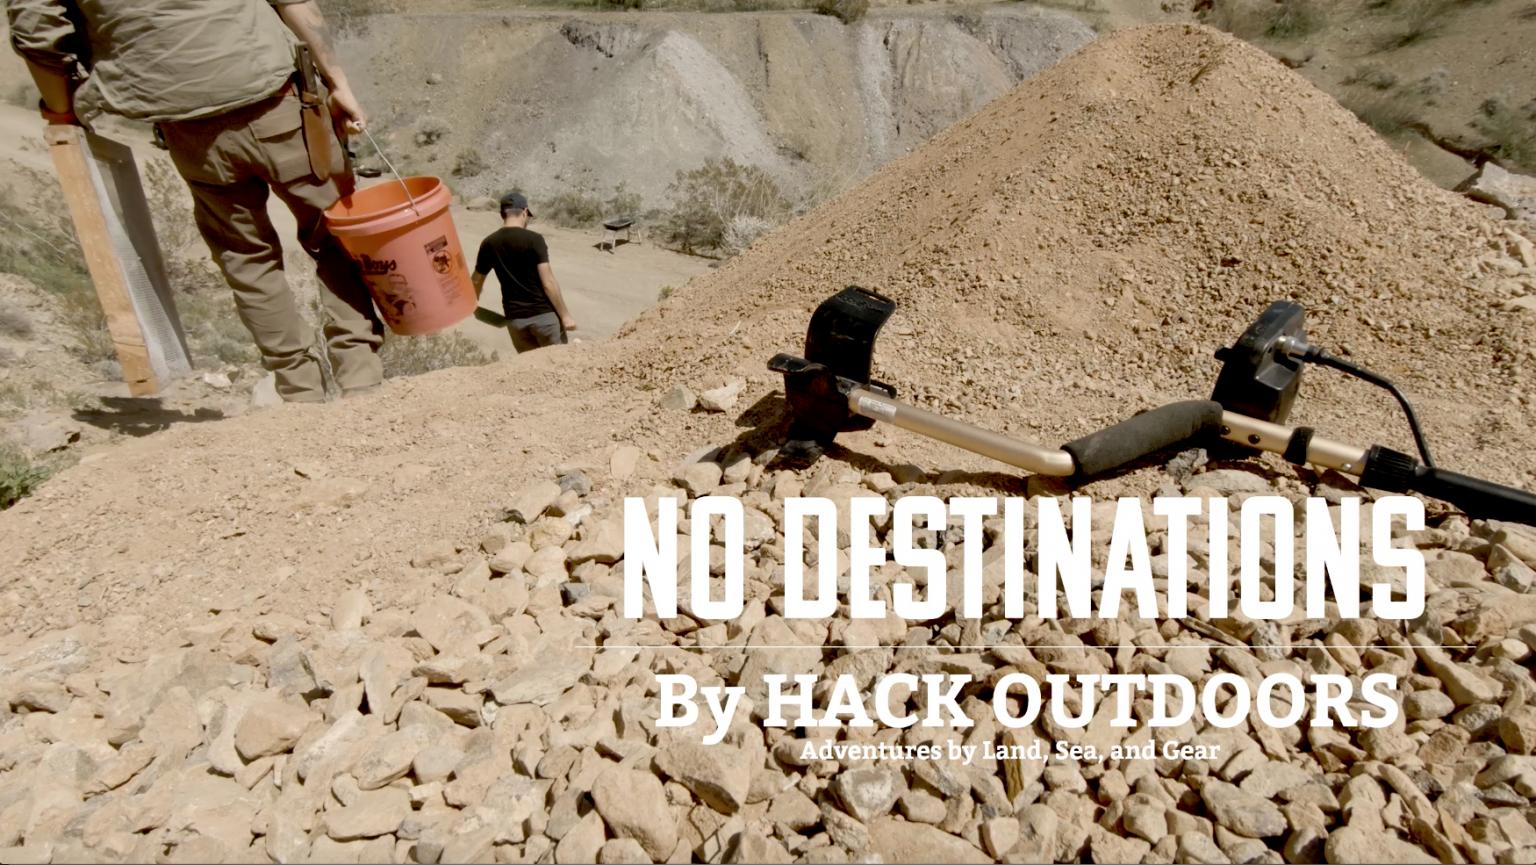 randsburg california prospecting no destinations hack outdoors